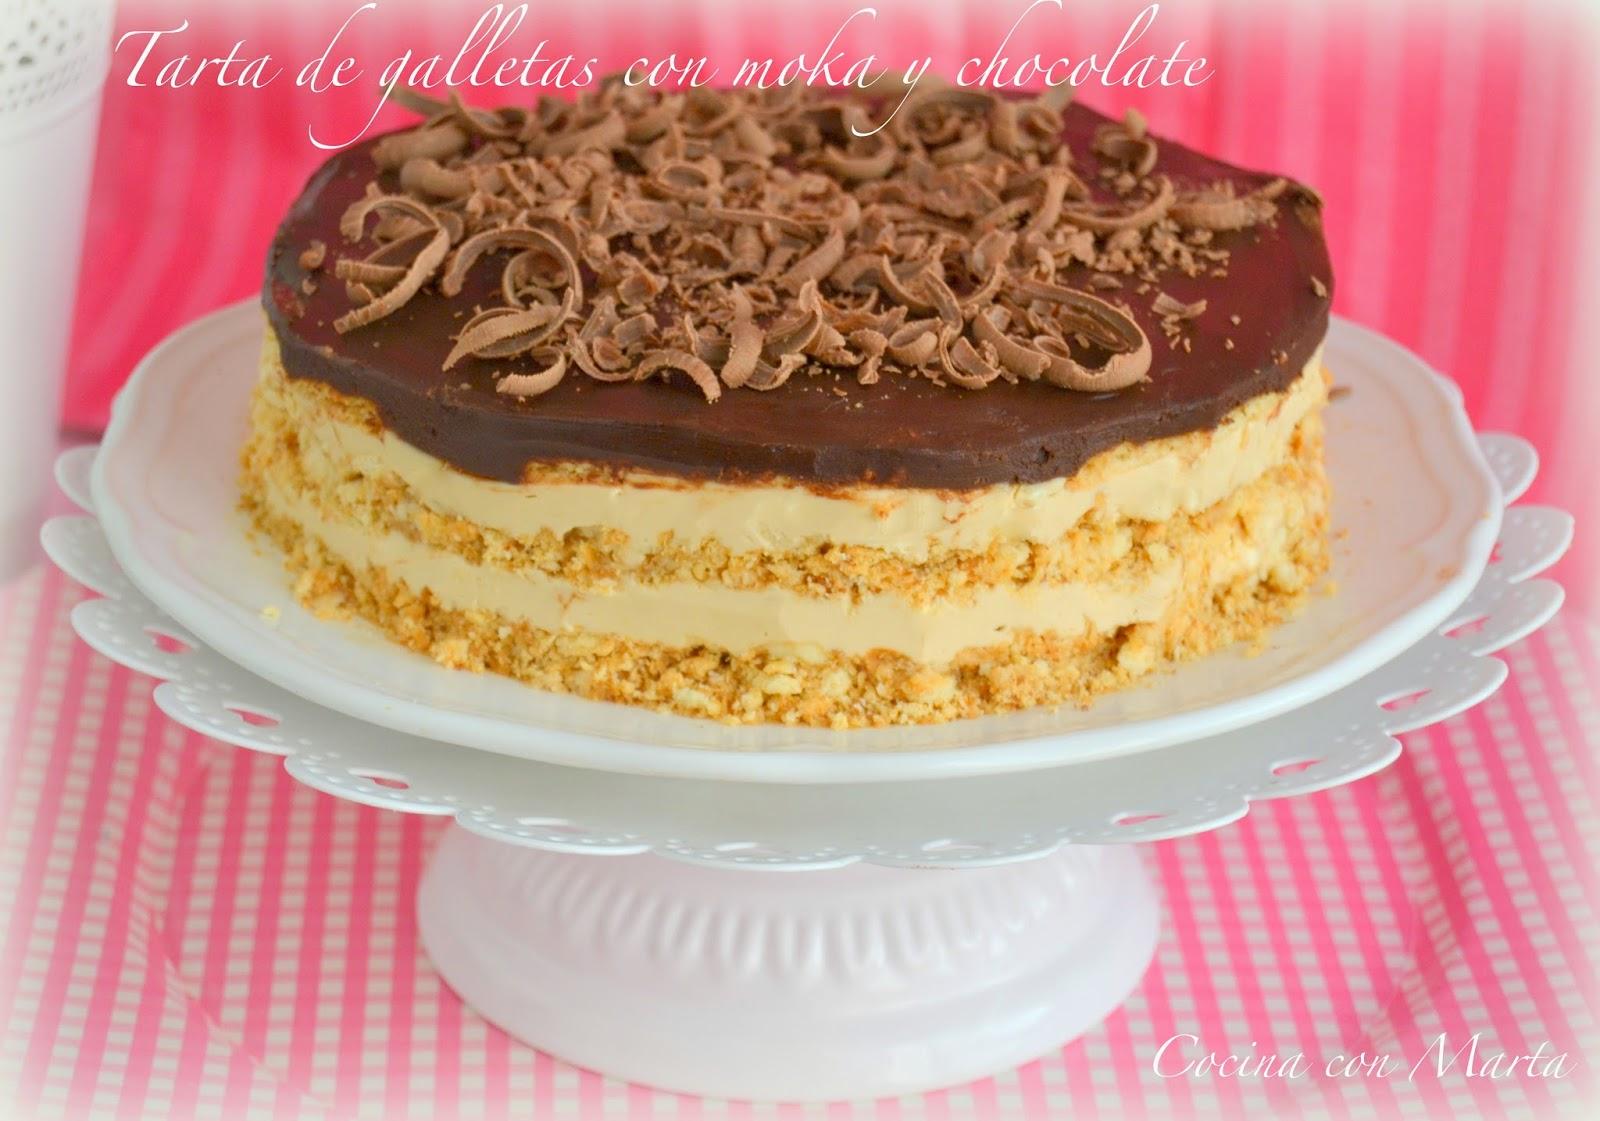 Tarta de galletas, moka y chocolate al ron o brandy. Receta casera, muy fácil, para fiestas y cumpleaños.